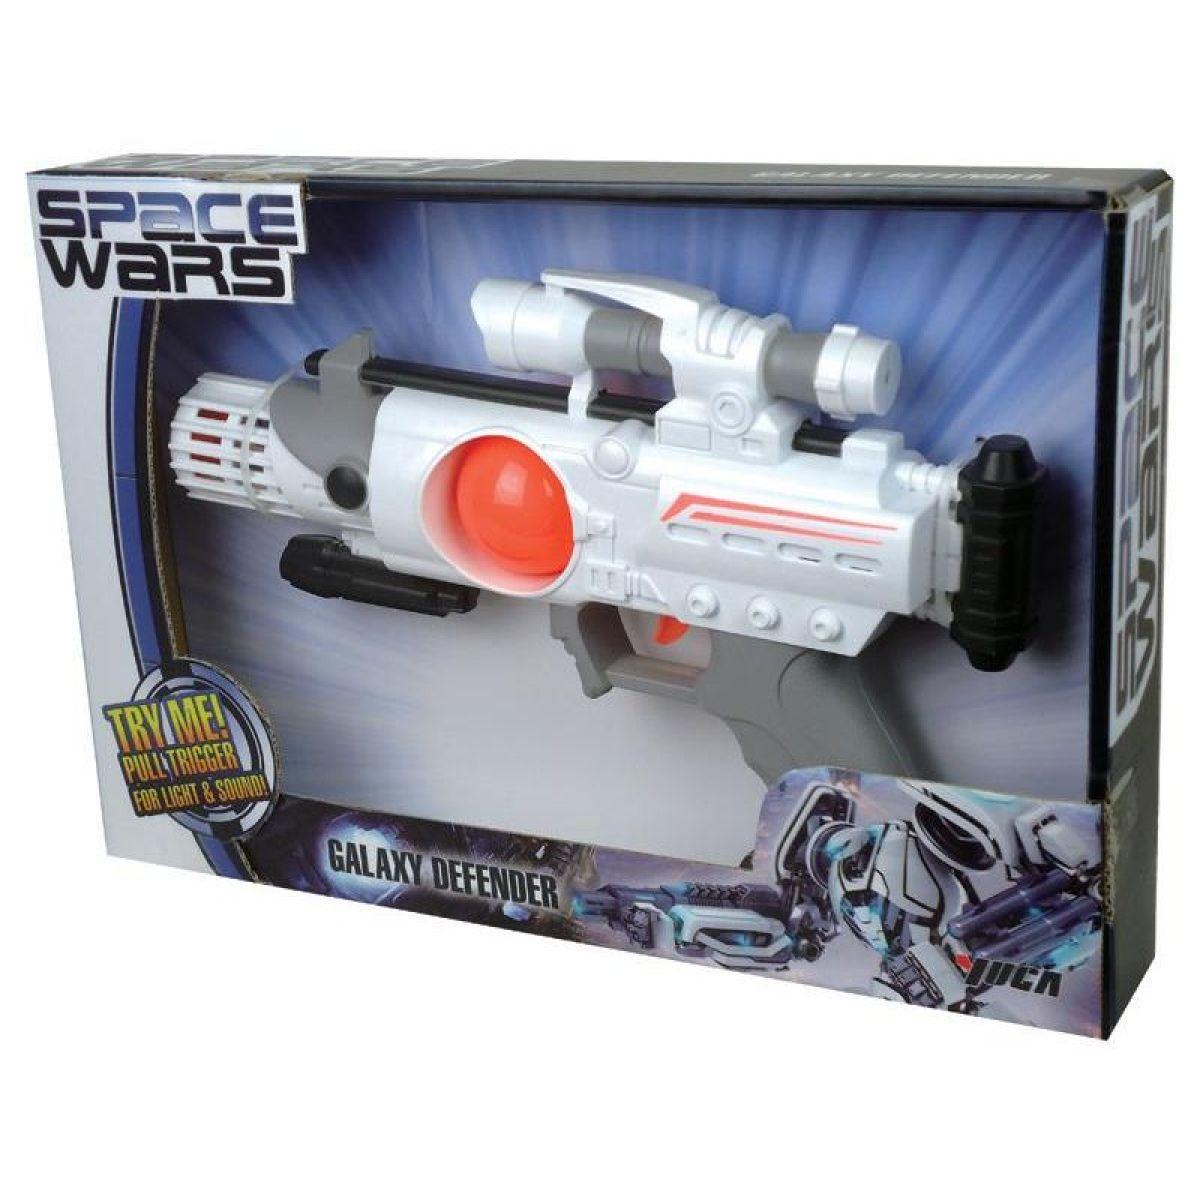 HM Studio Space Wars zbraň se zvuky a světly